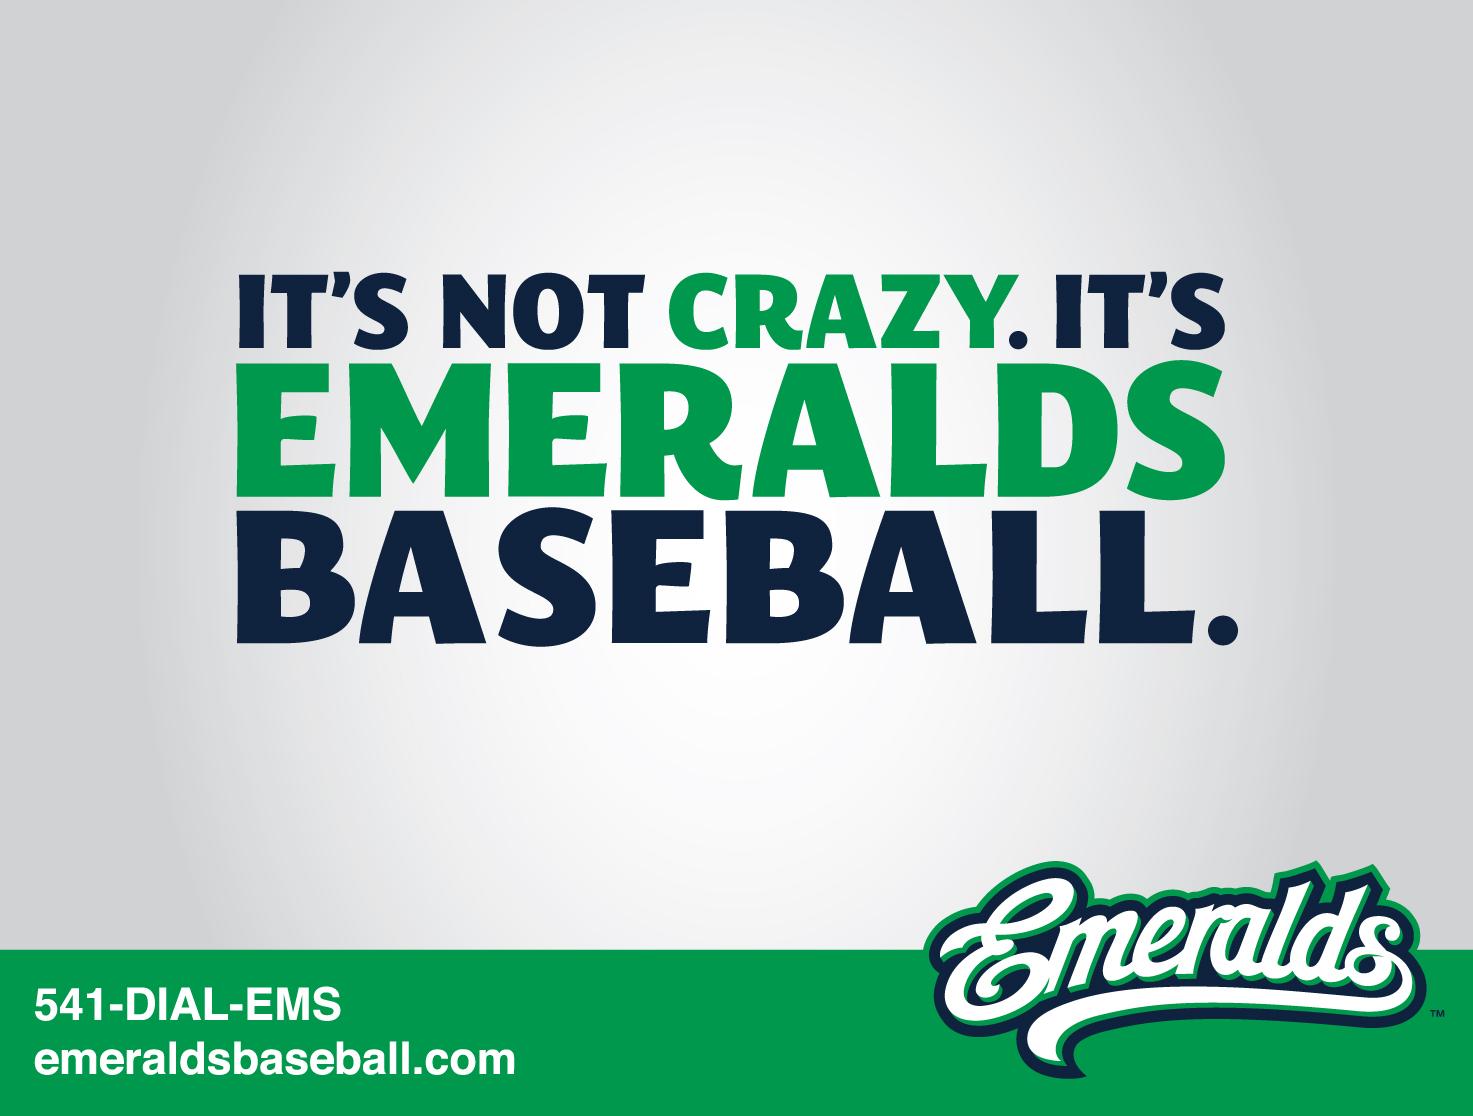 eugene emeralds ad